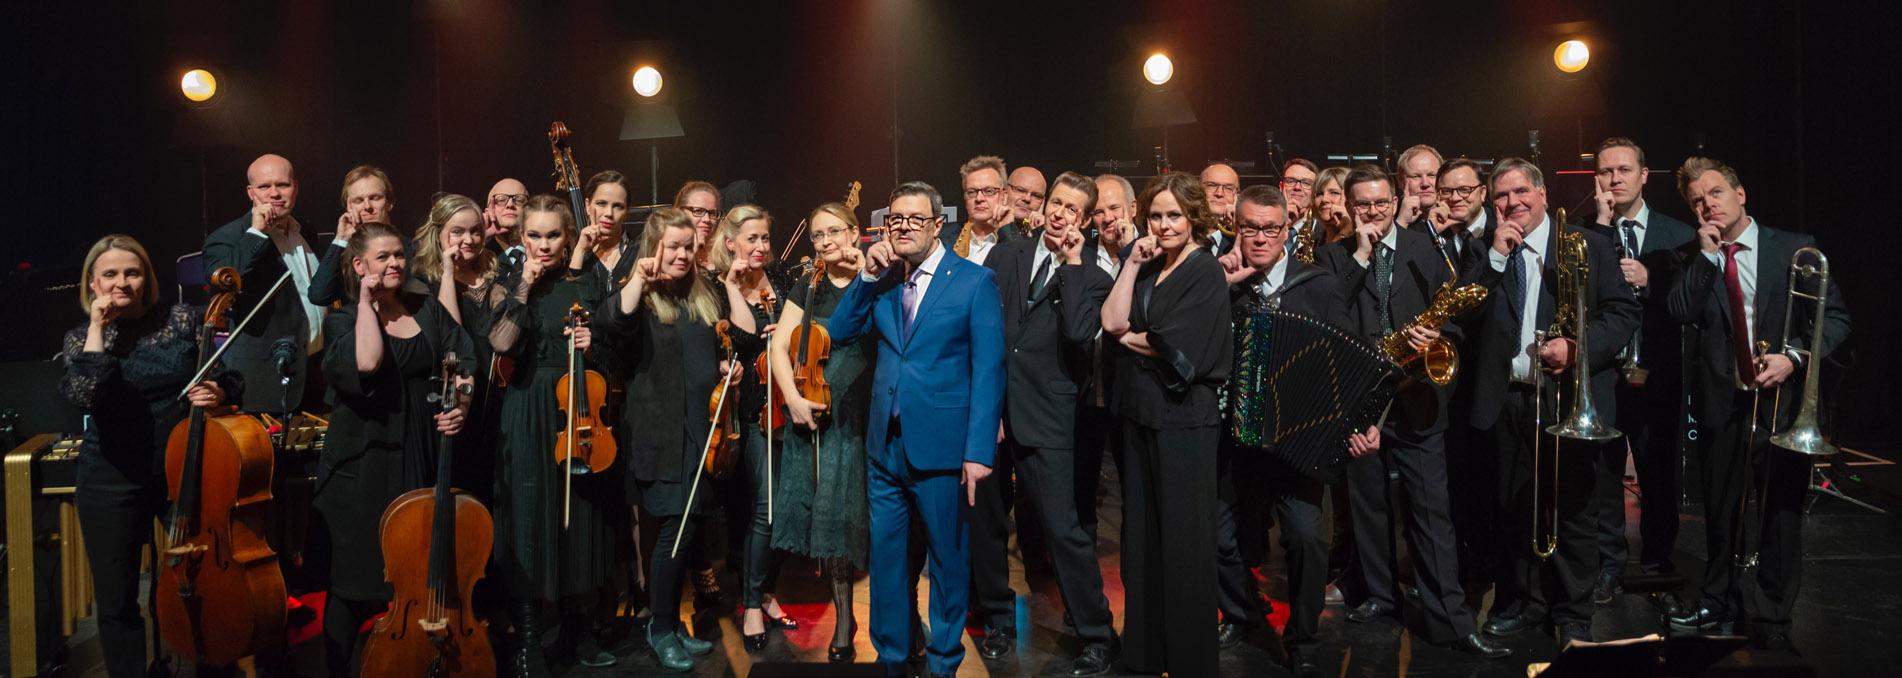 Riku Niemi Orchestra, Yhteystiedot